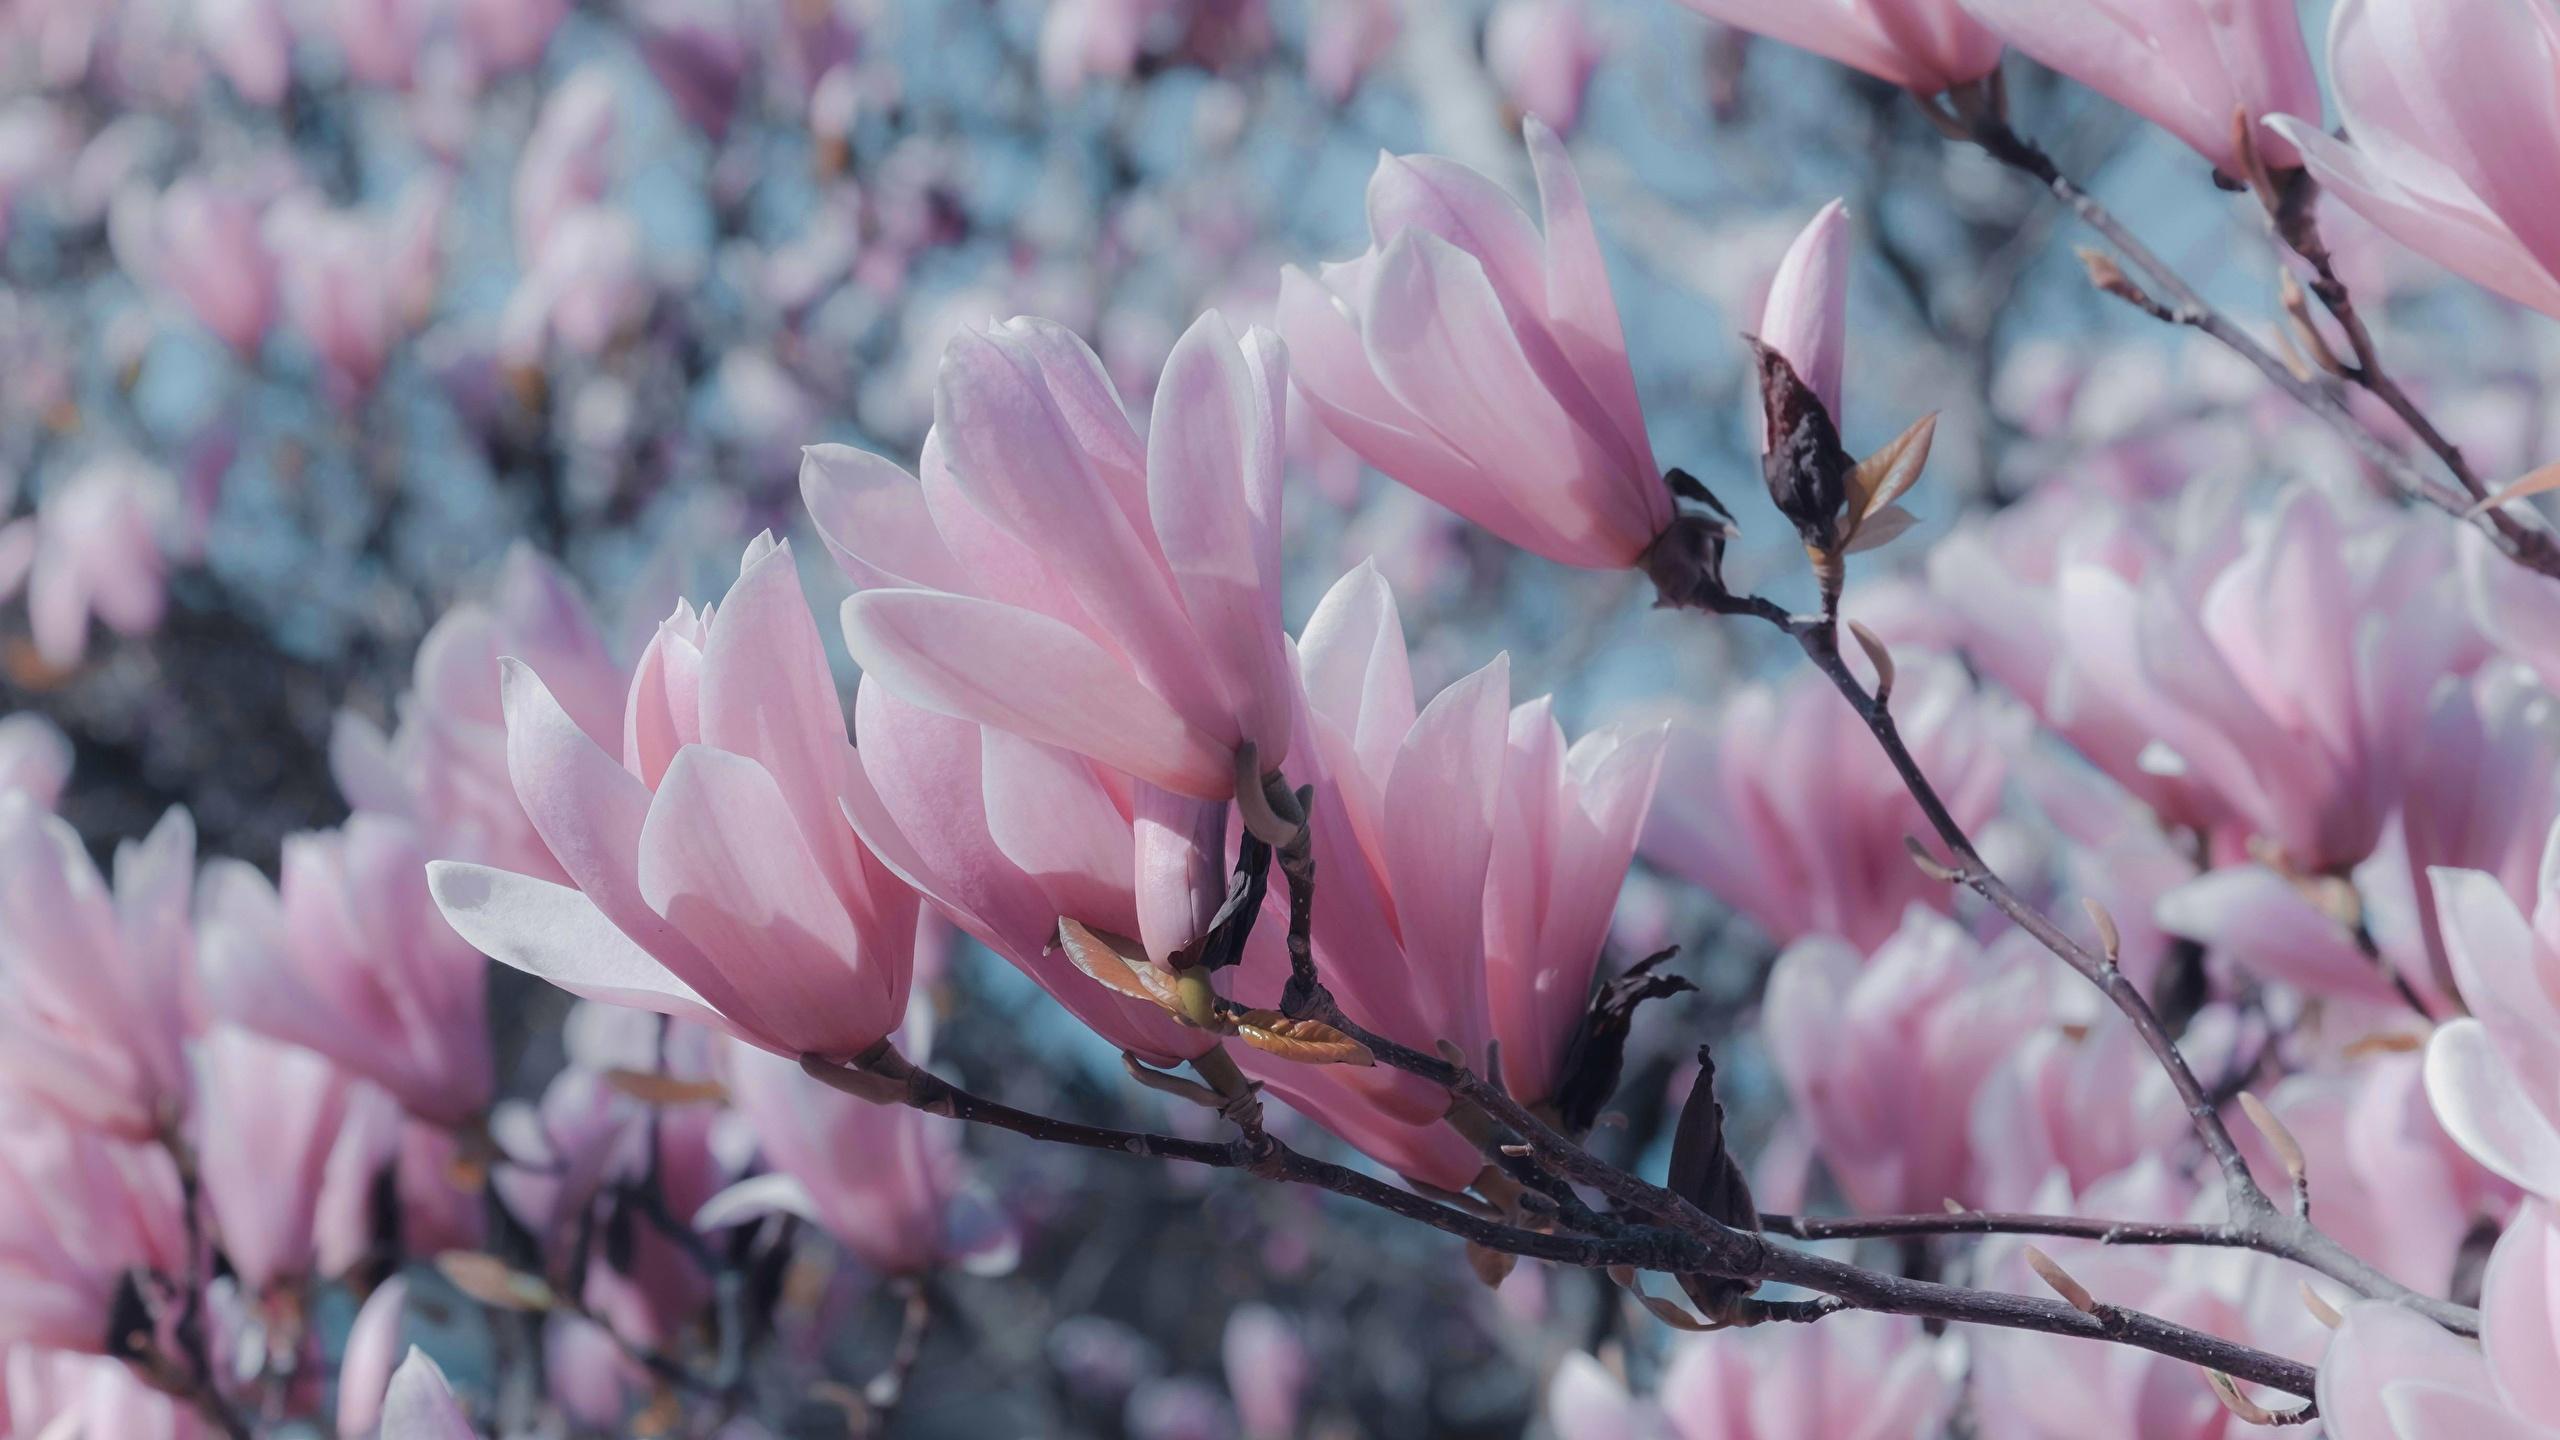 Fotos von Rosa Farbe Blüte Magnolien Ast hautnah 2560x1440 Blumen Nahaufnahme Großansicht